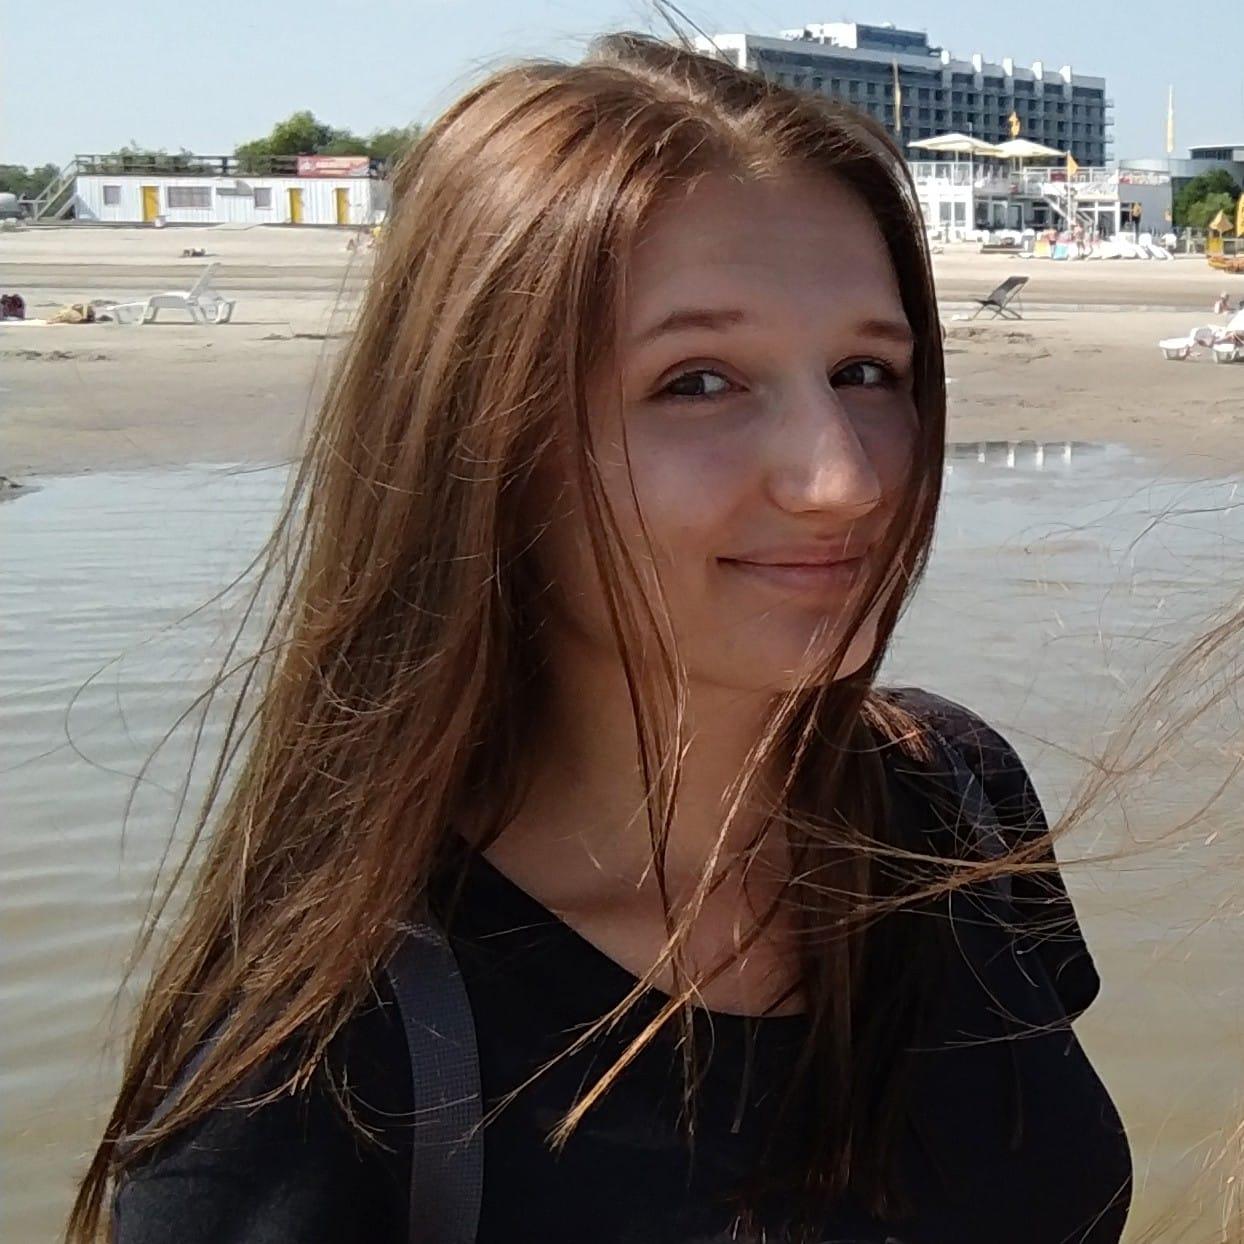 fotografie studenta Procházková Helena